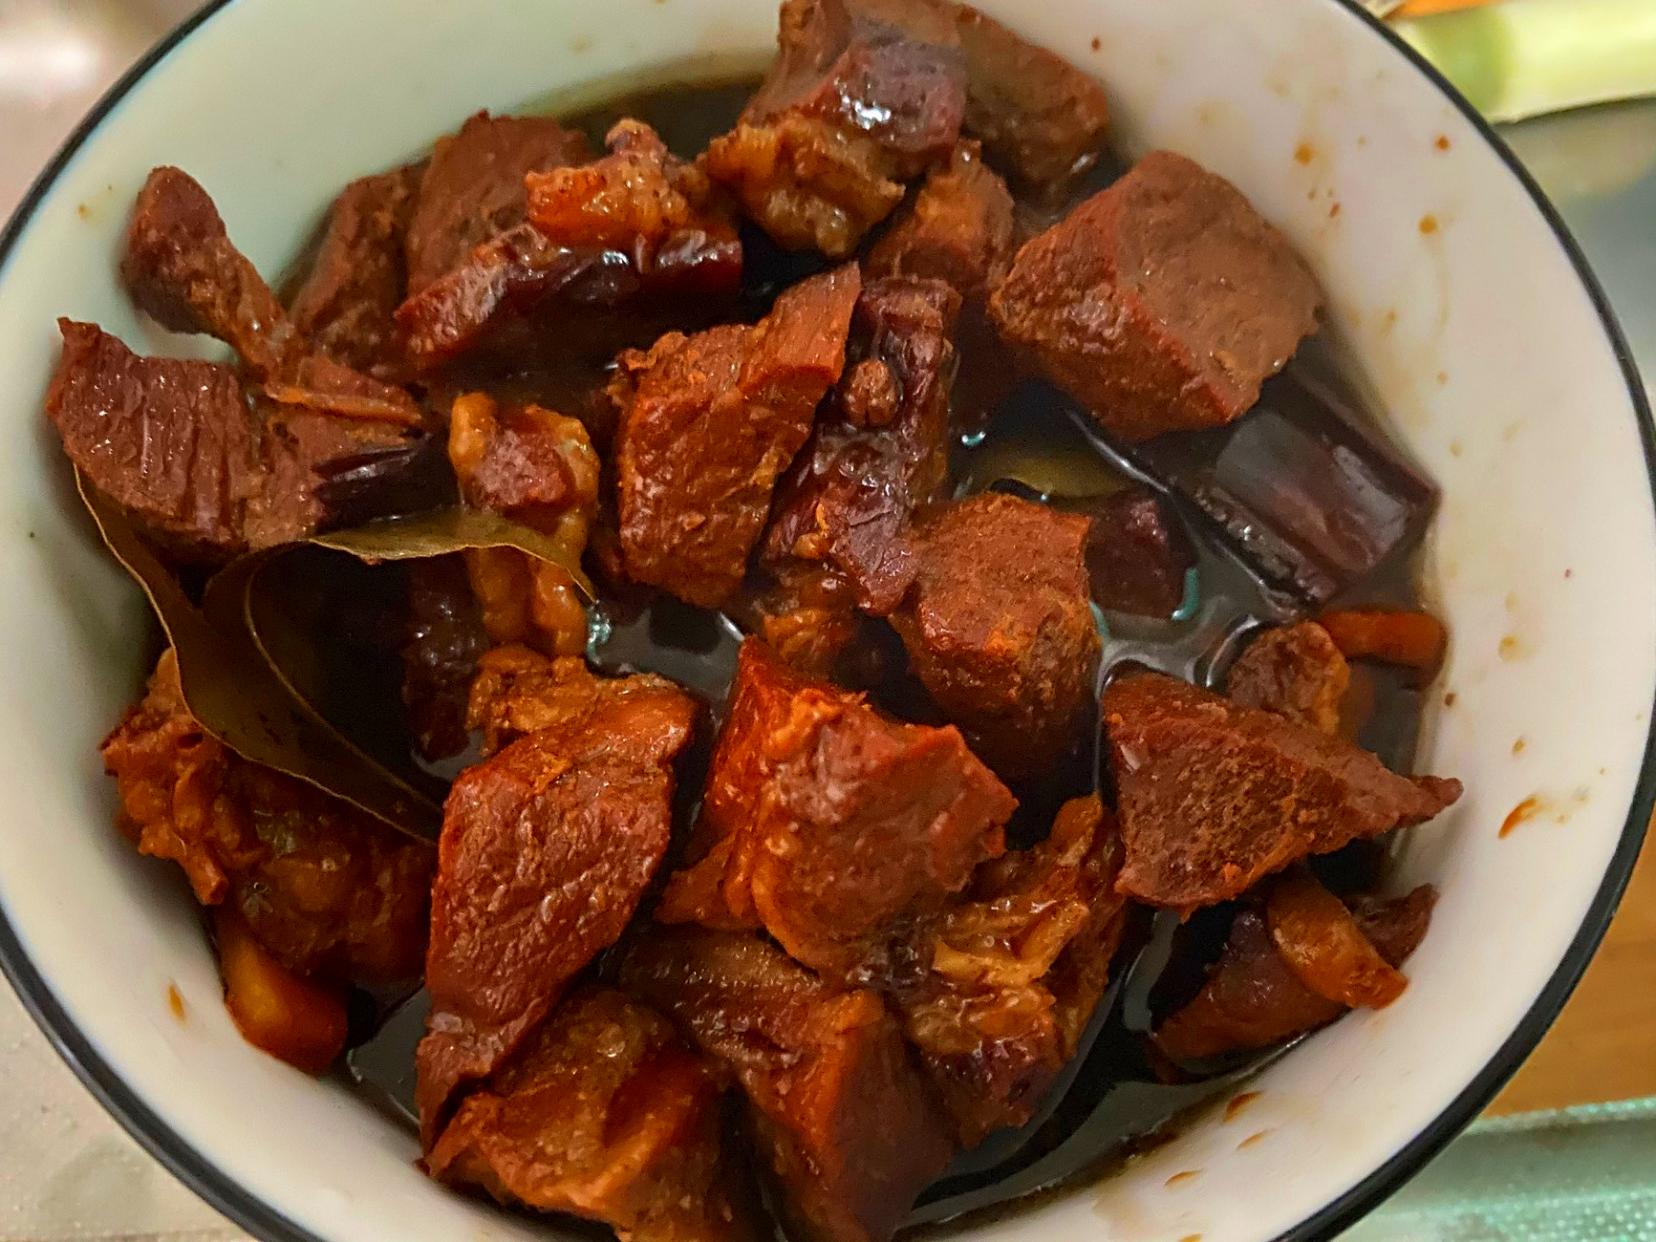 牛肉怎样炖更好吃?大厨教你3个小技巧,软烂鲜香,好吃没有腥味